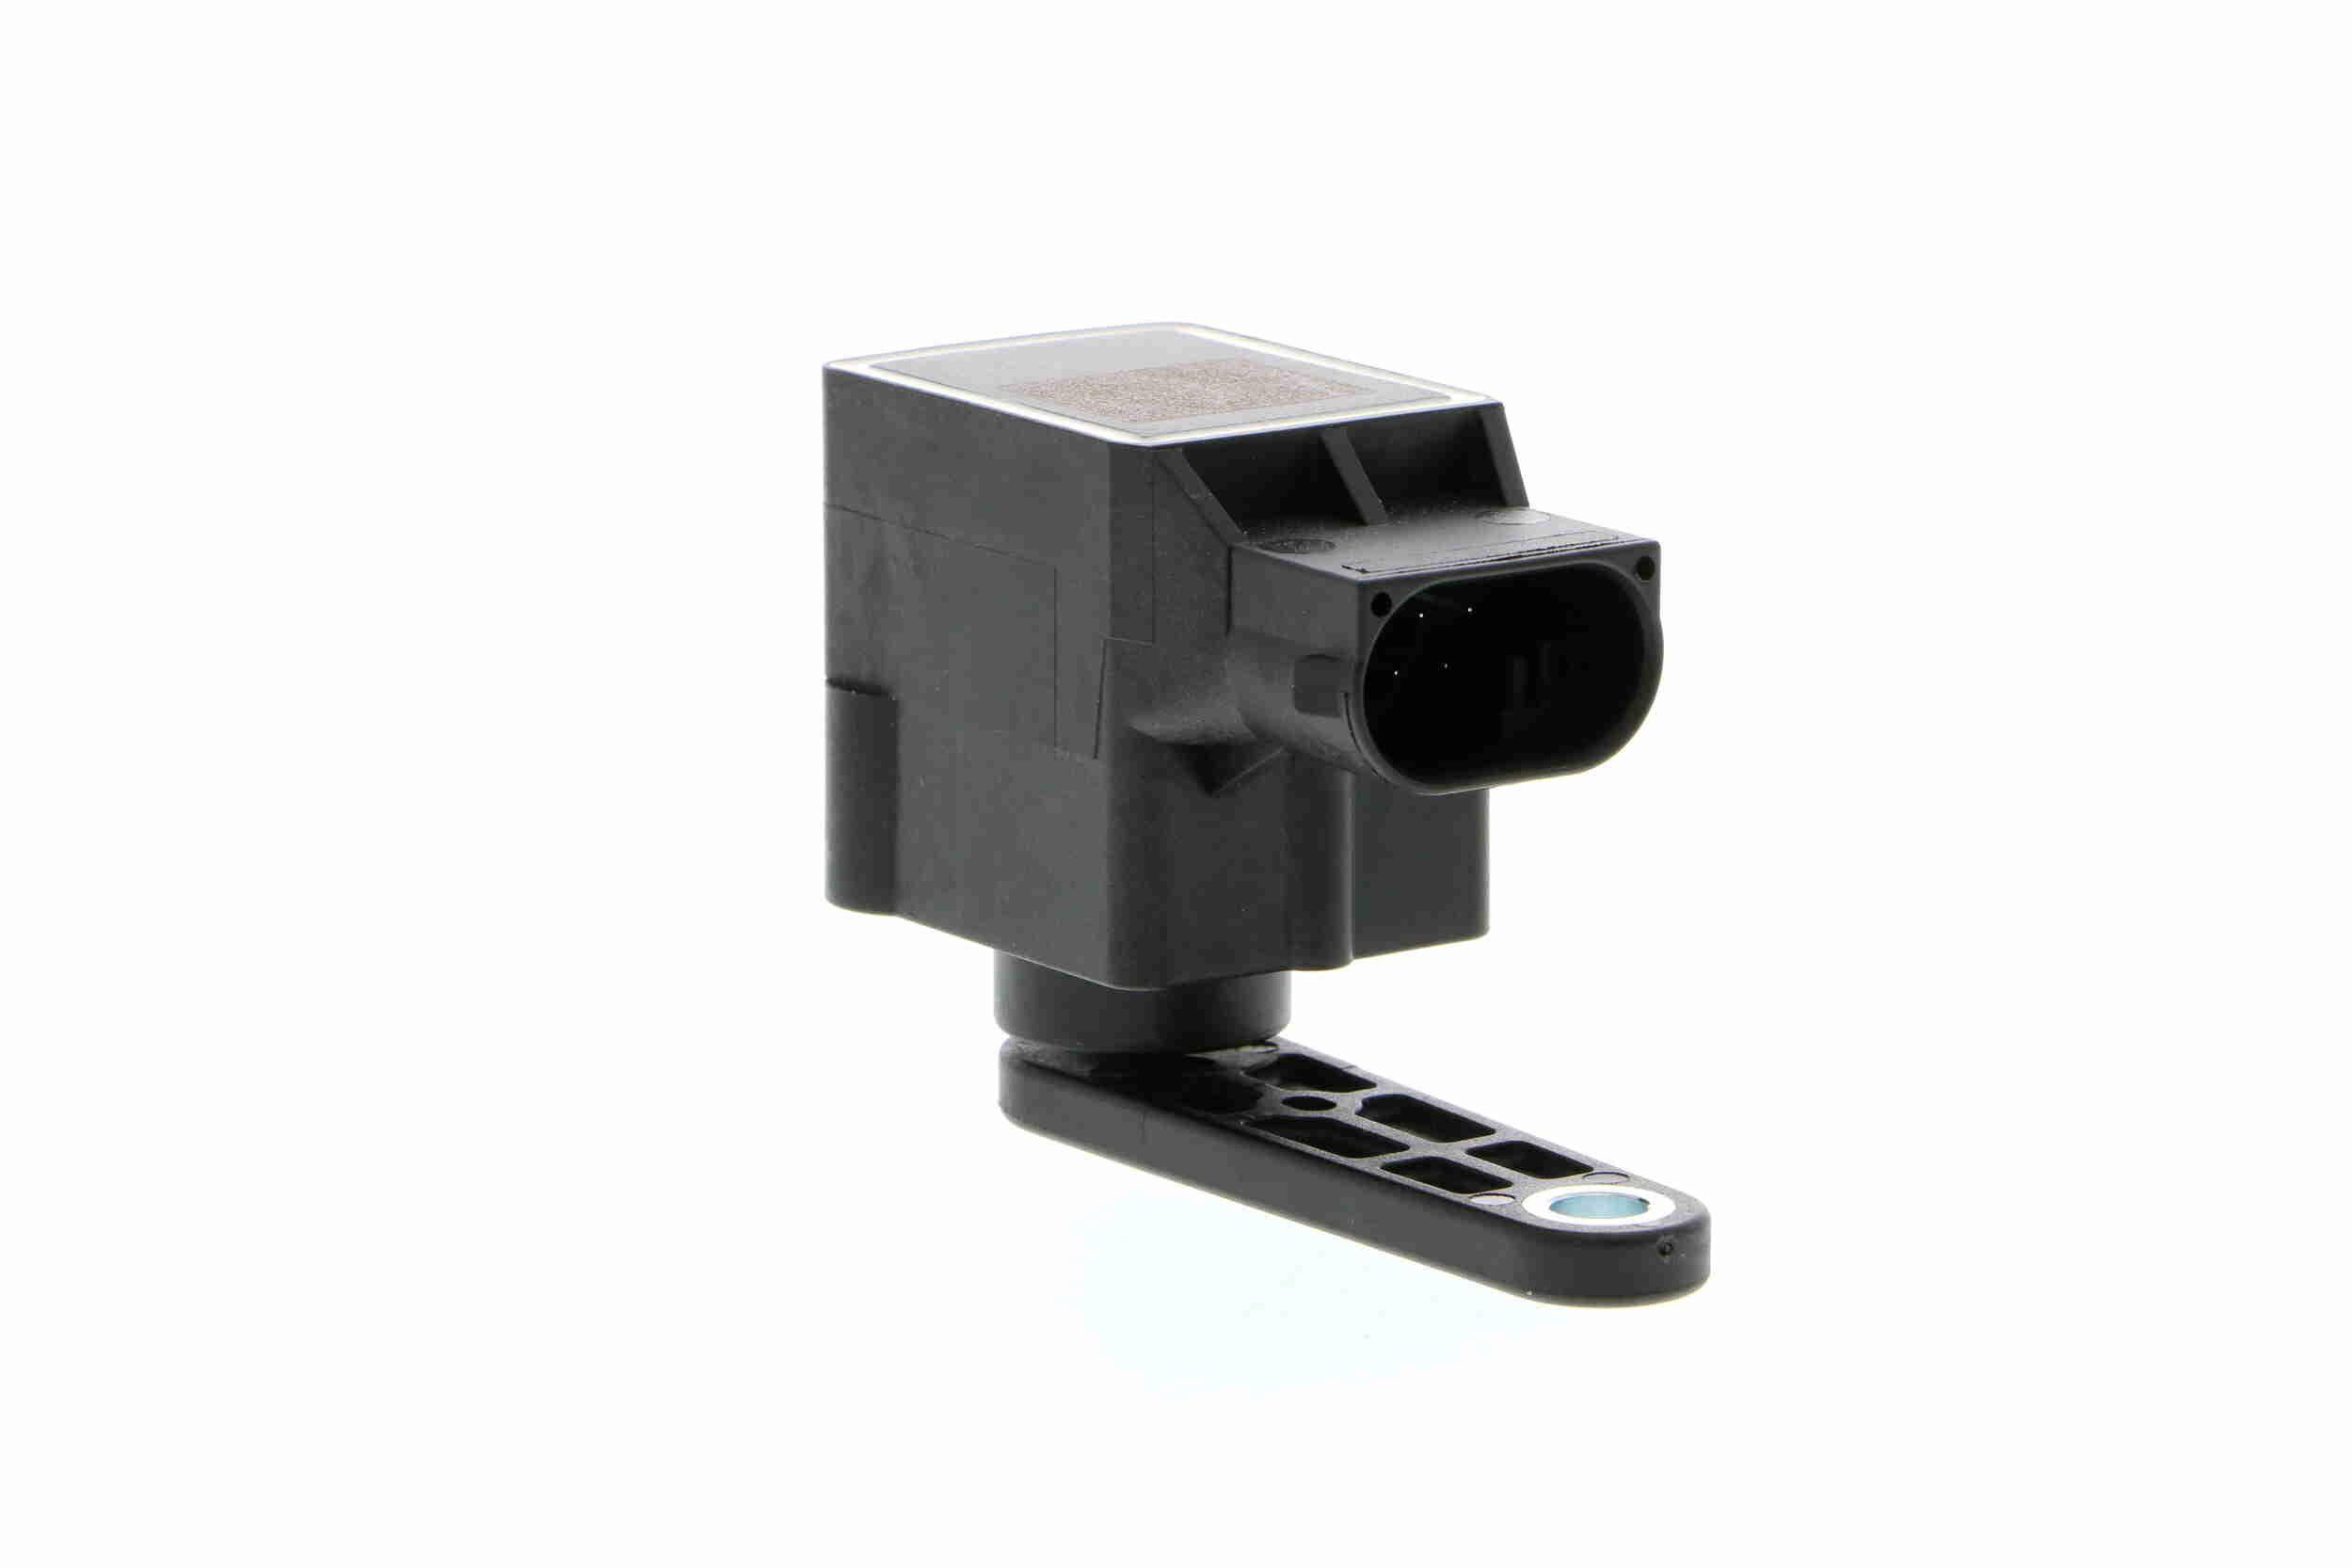 V20-72-0480 VEMO Senzor, xenonova svetla (regulace sklonu svetlometu) - kupte si online